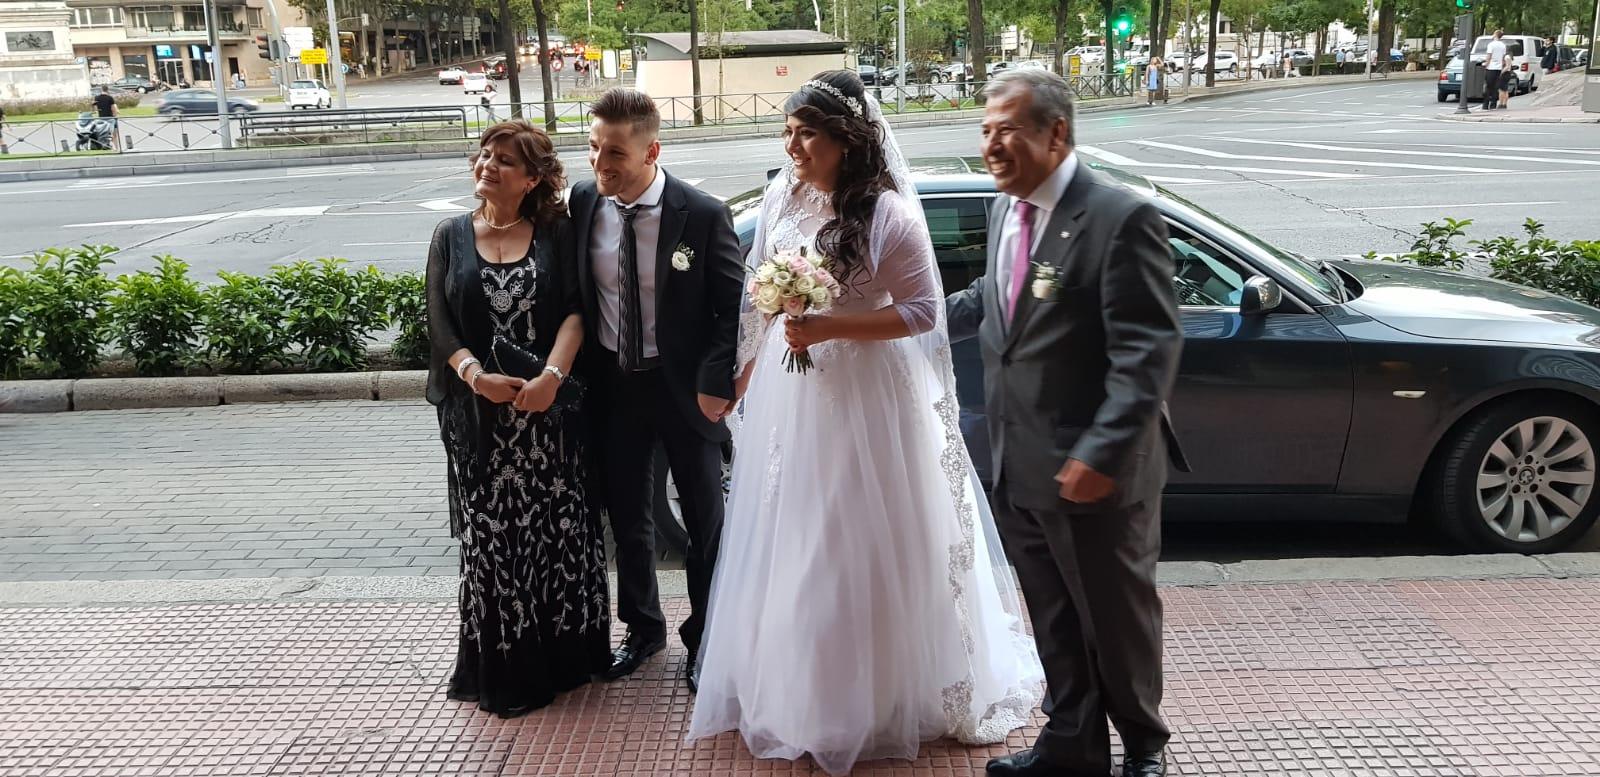 بالصور  .. حفل زفاف ابنة المهندس حاتم الخالدي في مدريد